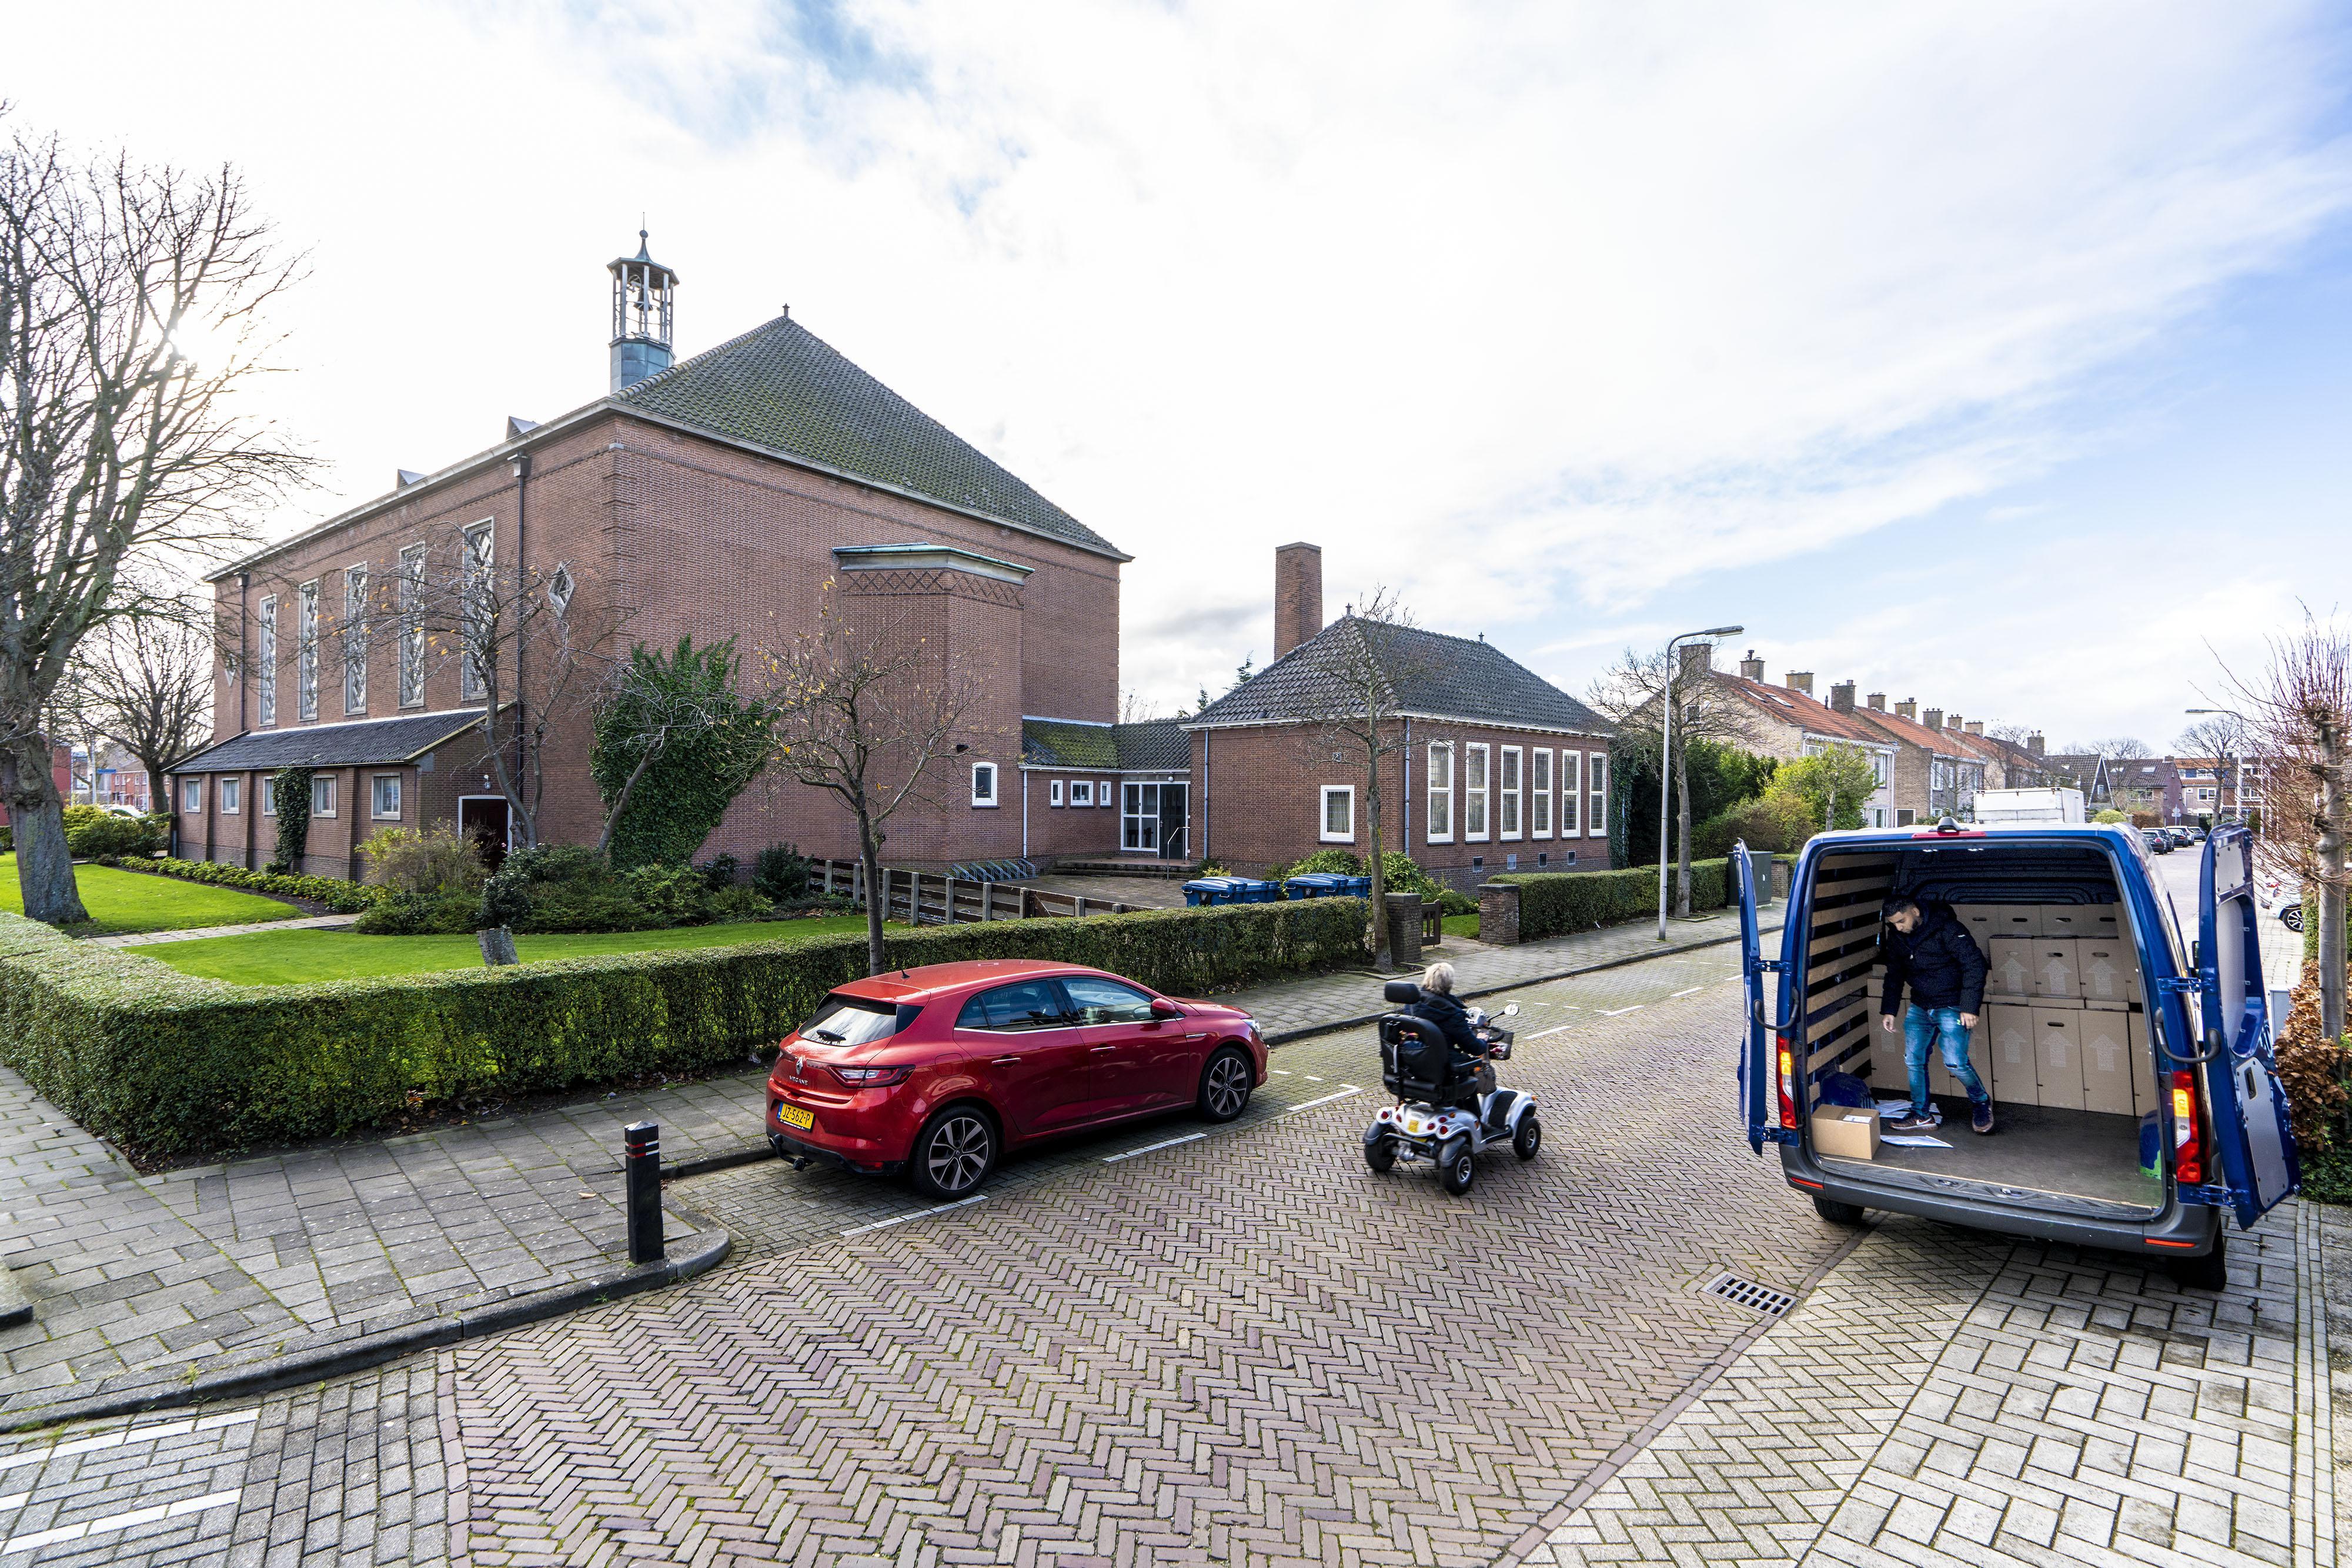 Beoogde koper Rijnsburgse Maranathakerk krijgt meer tijd: 'Als het goed is, wordt de kerk nog dit jaar overgedragen'